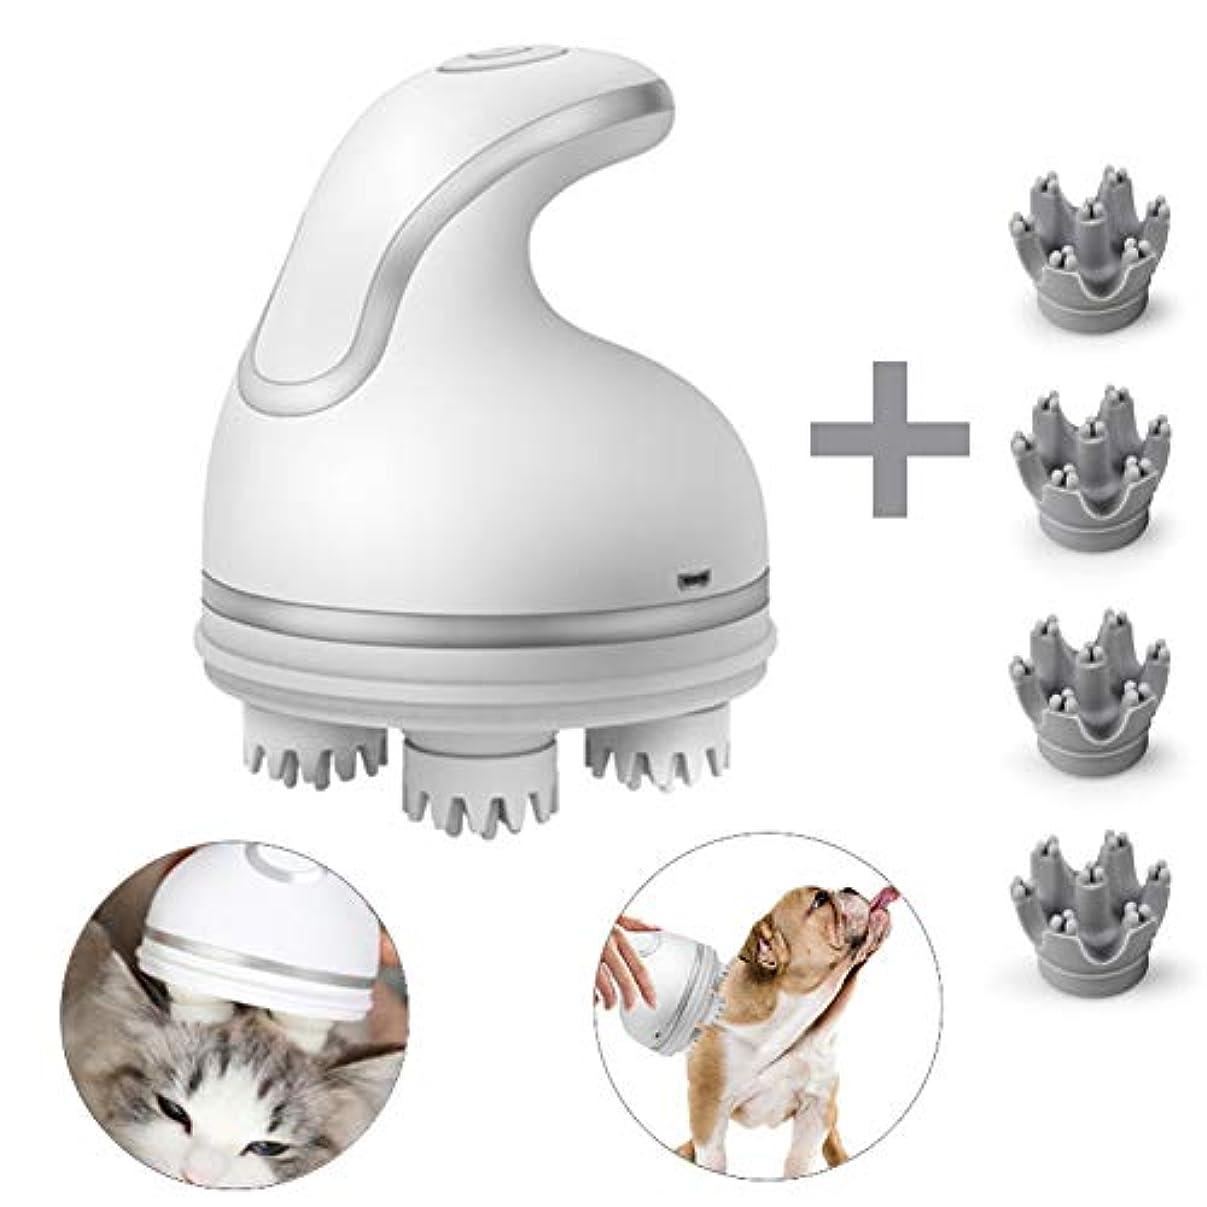 定義する読み書きのできない理論的電気ペットマッサージャーusb充電3dヘッド猫全方向自動回転マッサージャー洗える面白い猫のおもちゃペットの犬,Silver